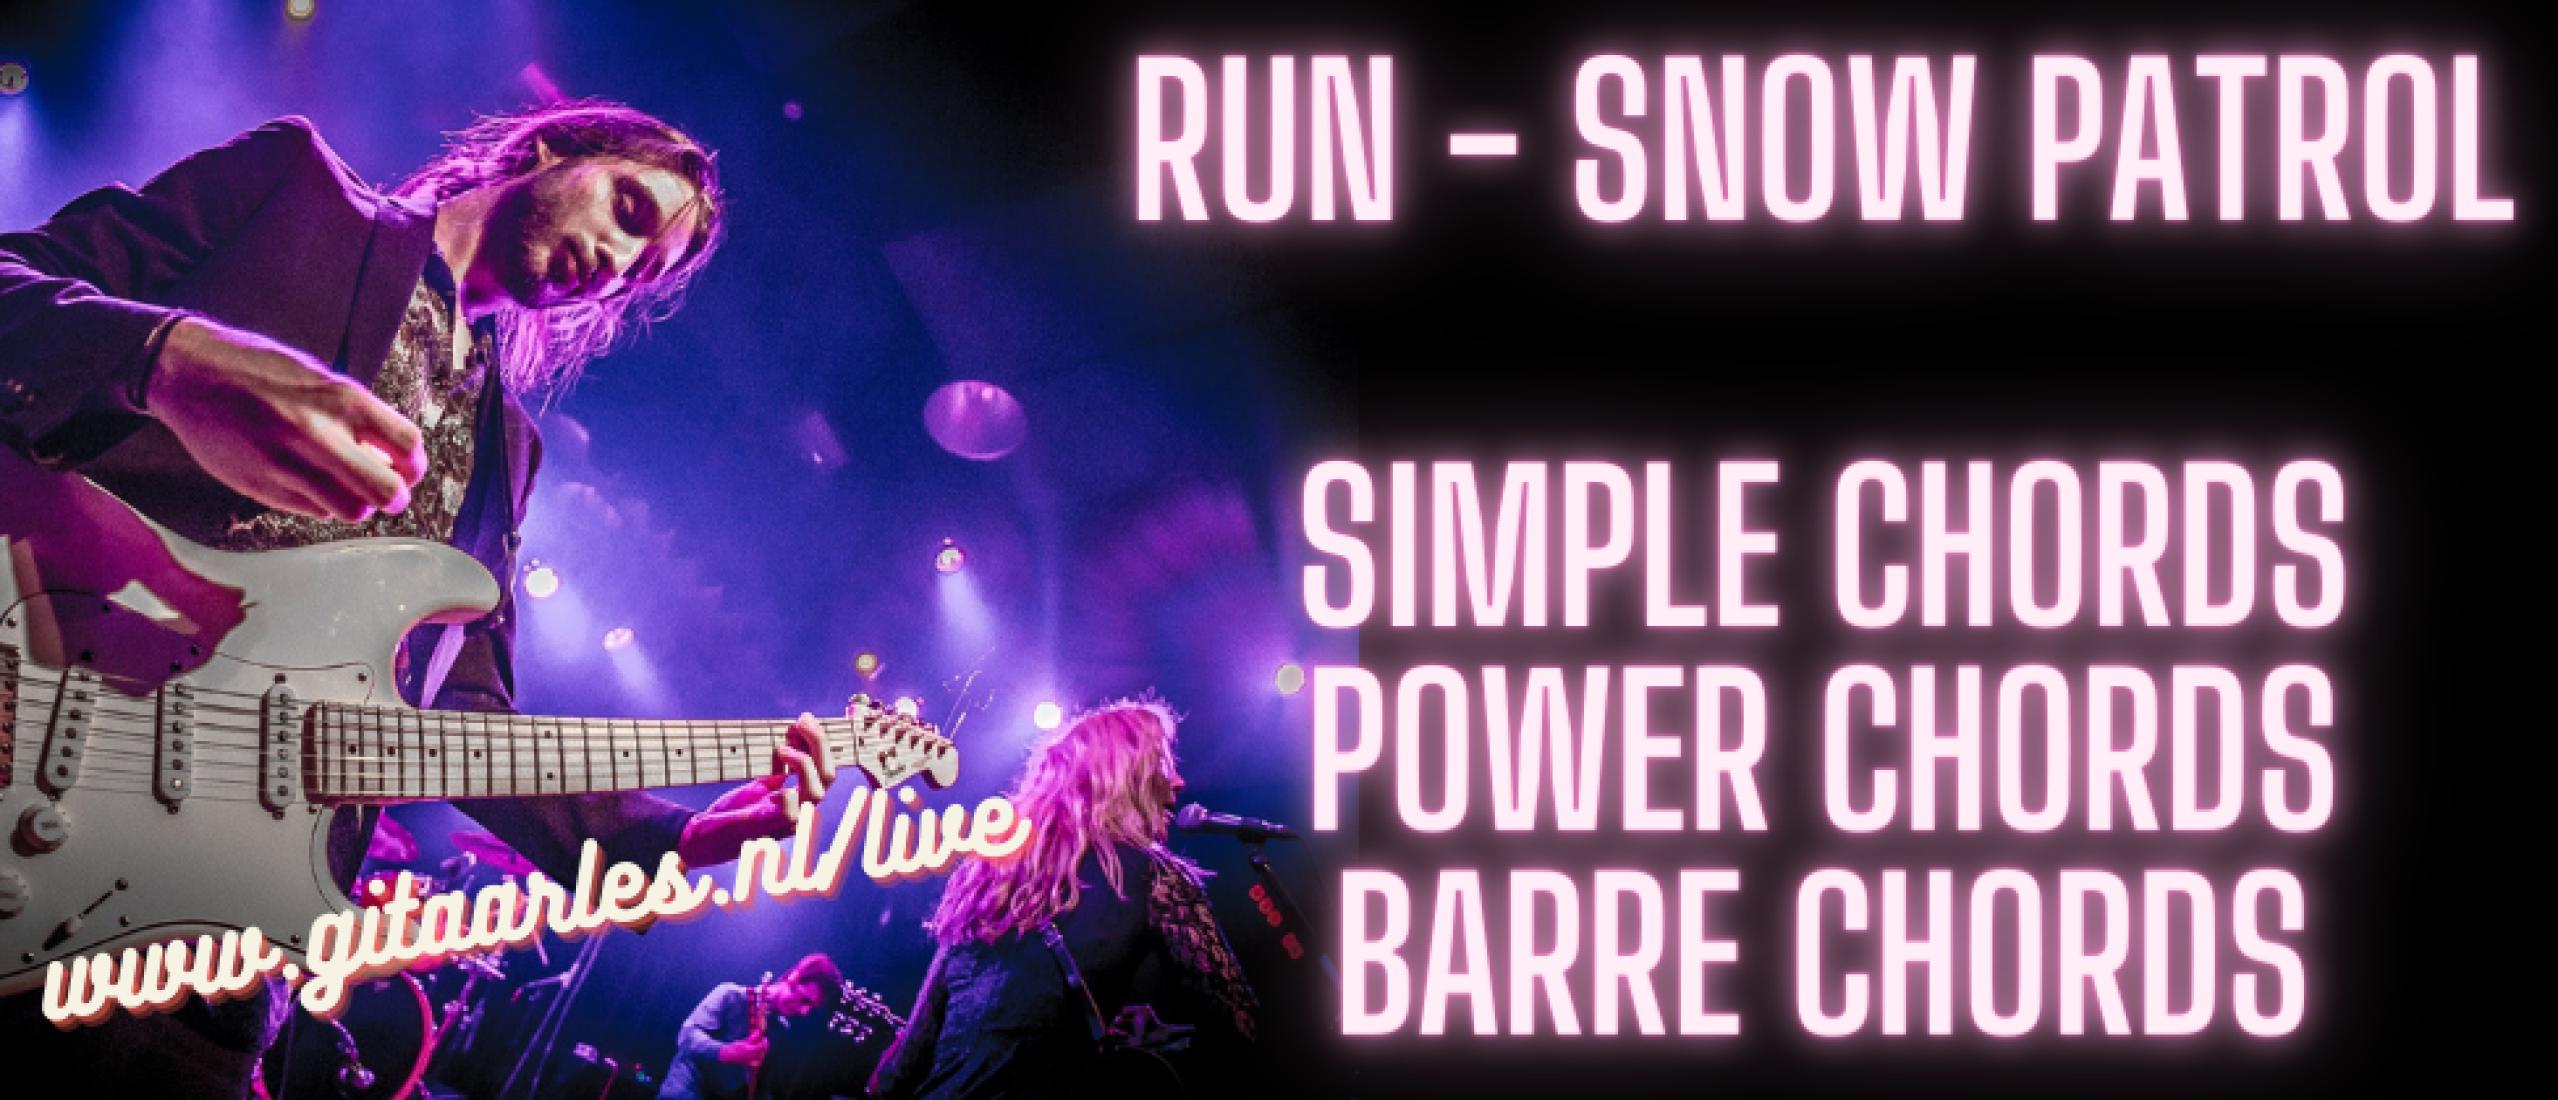 Run van Snow Patrol mee leren spelen met open en barré akkoorden en powerchords